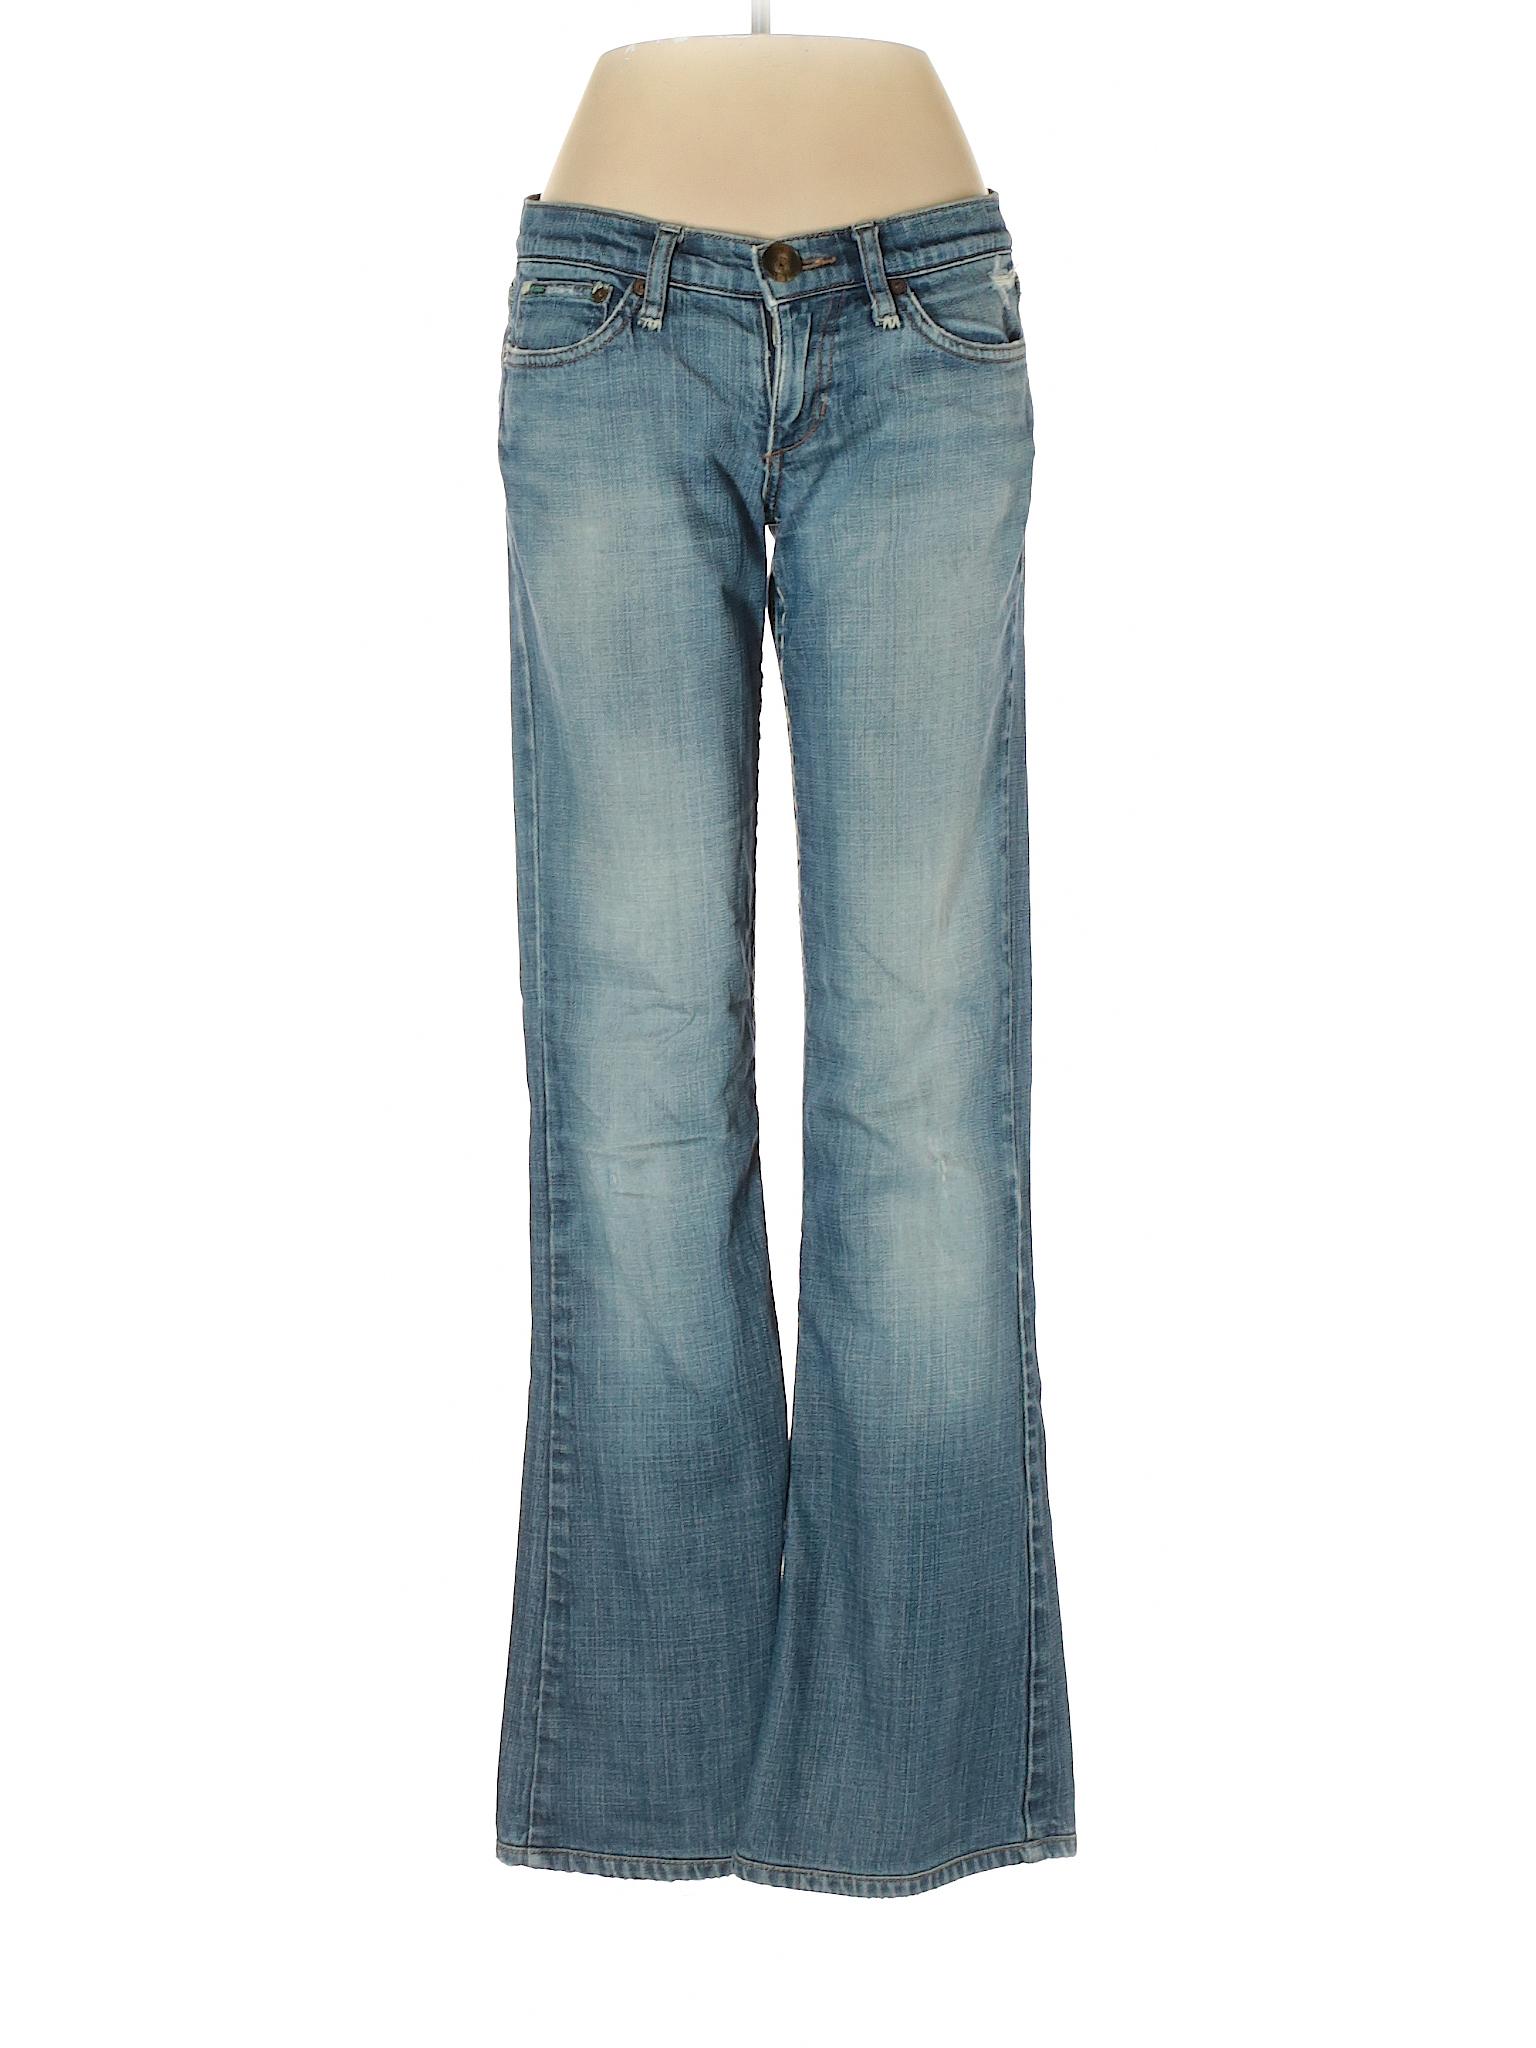 Jeans Joe's Jeans Joe's Promotion Promotion Promotion wnXOHqYYFU